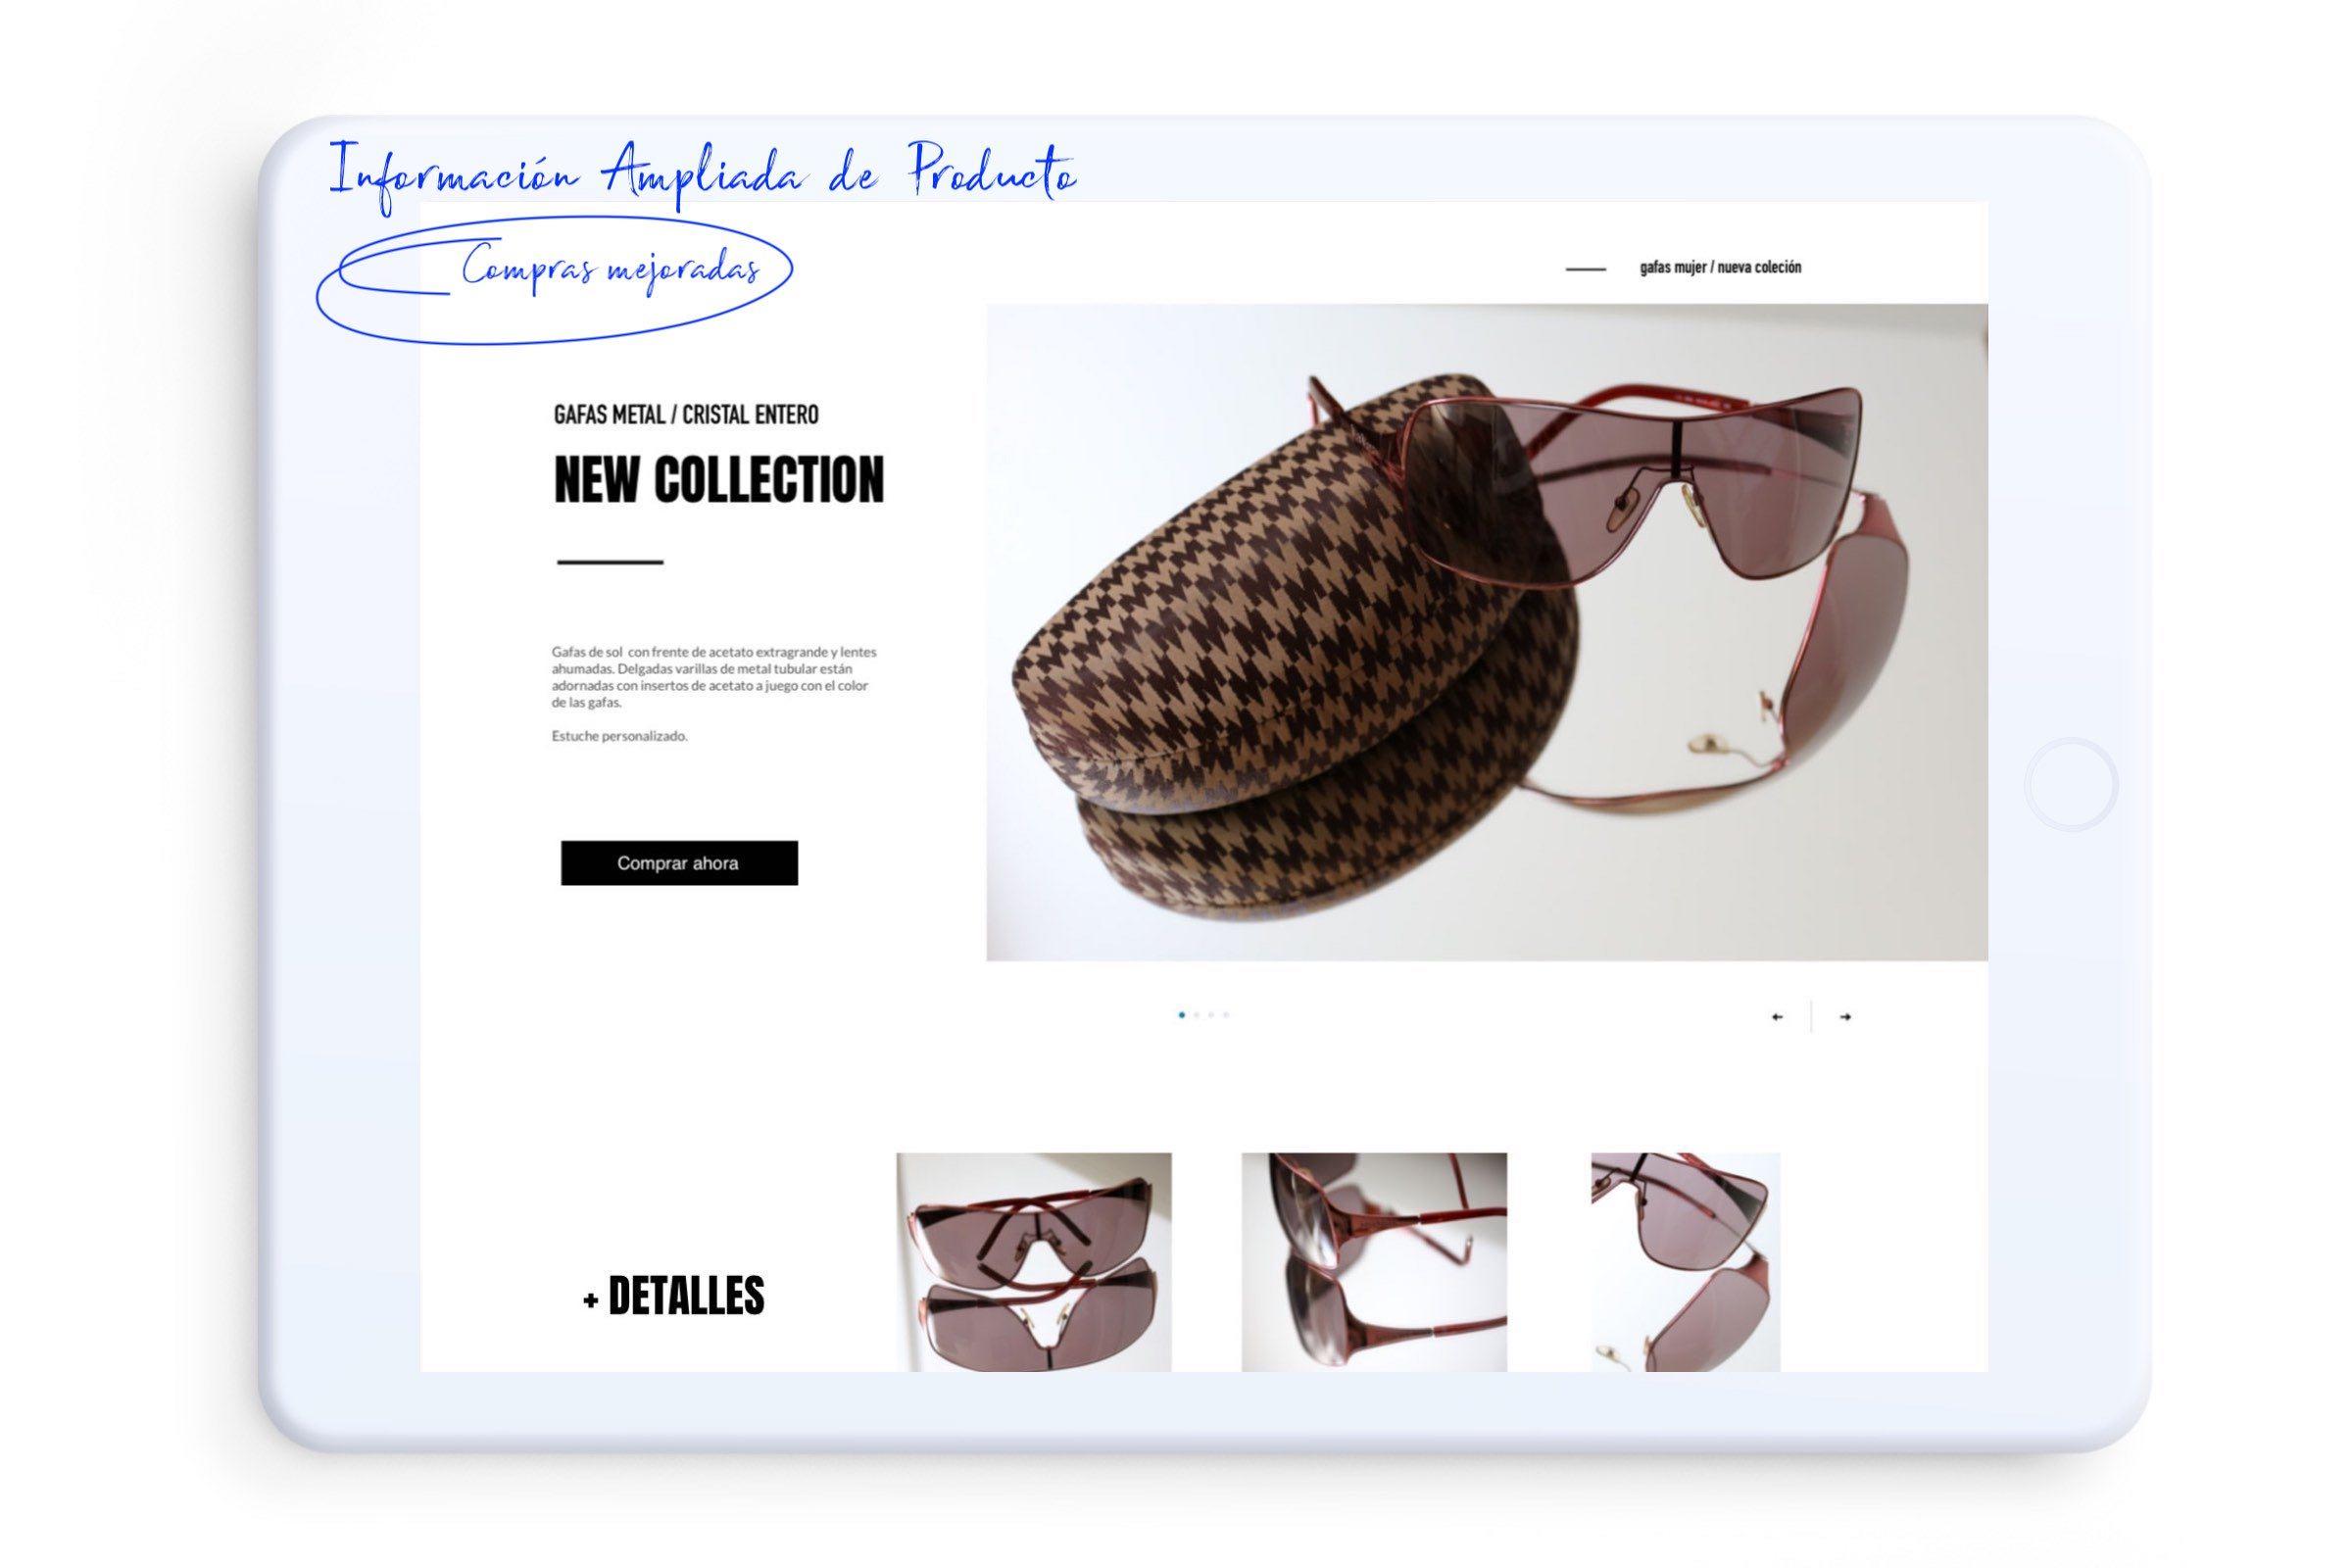 Gestión de productos, clientes, pedidos y stock en tu tienda online a medida. Contacta con Yagly, agencia e-commerce de referencia